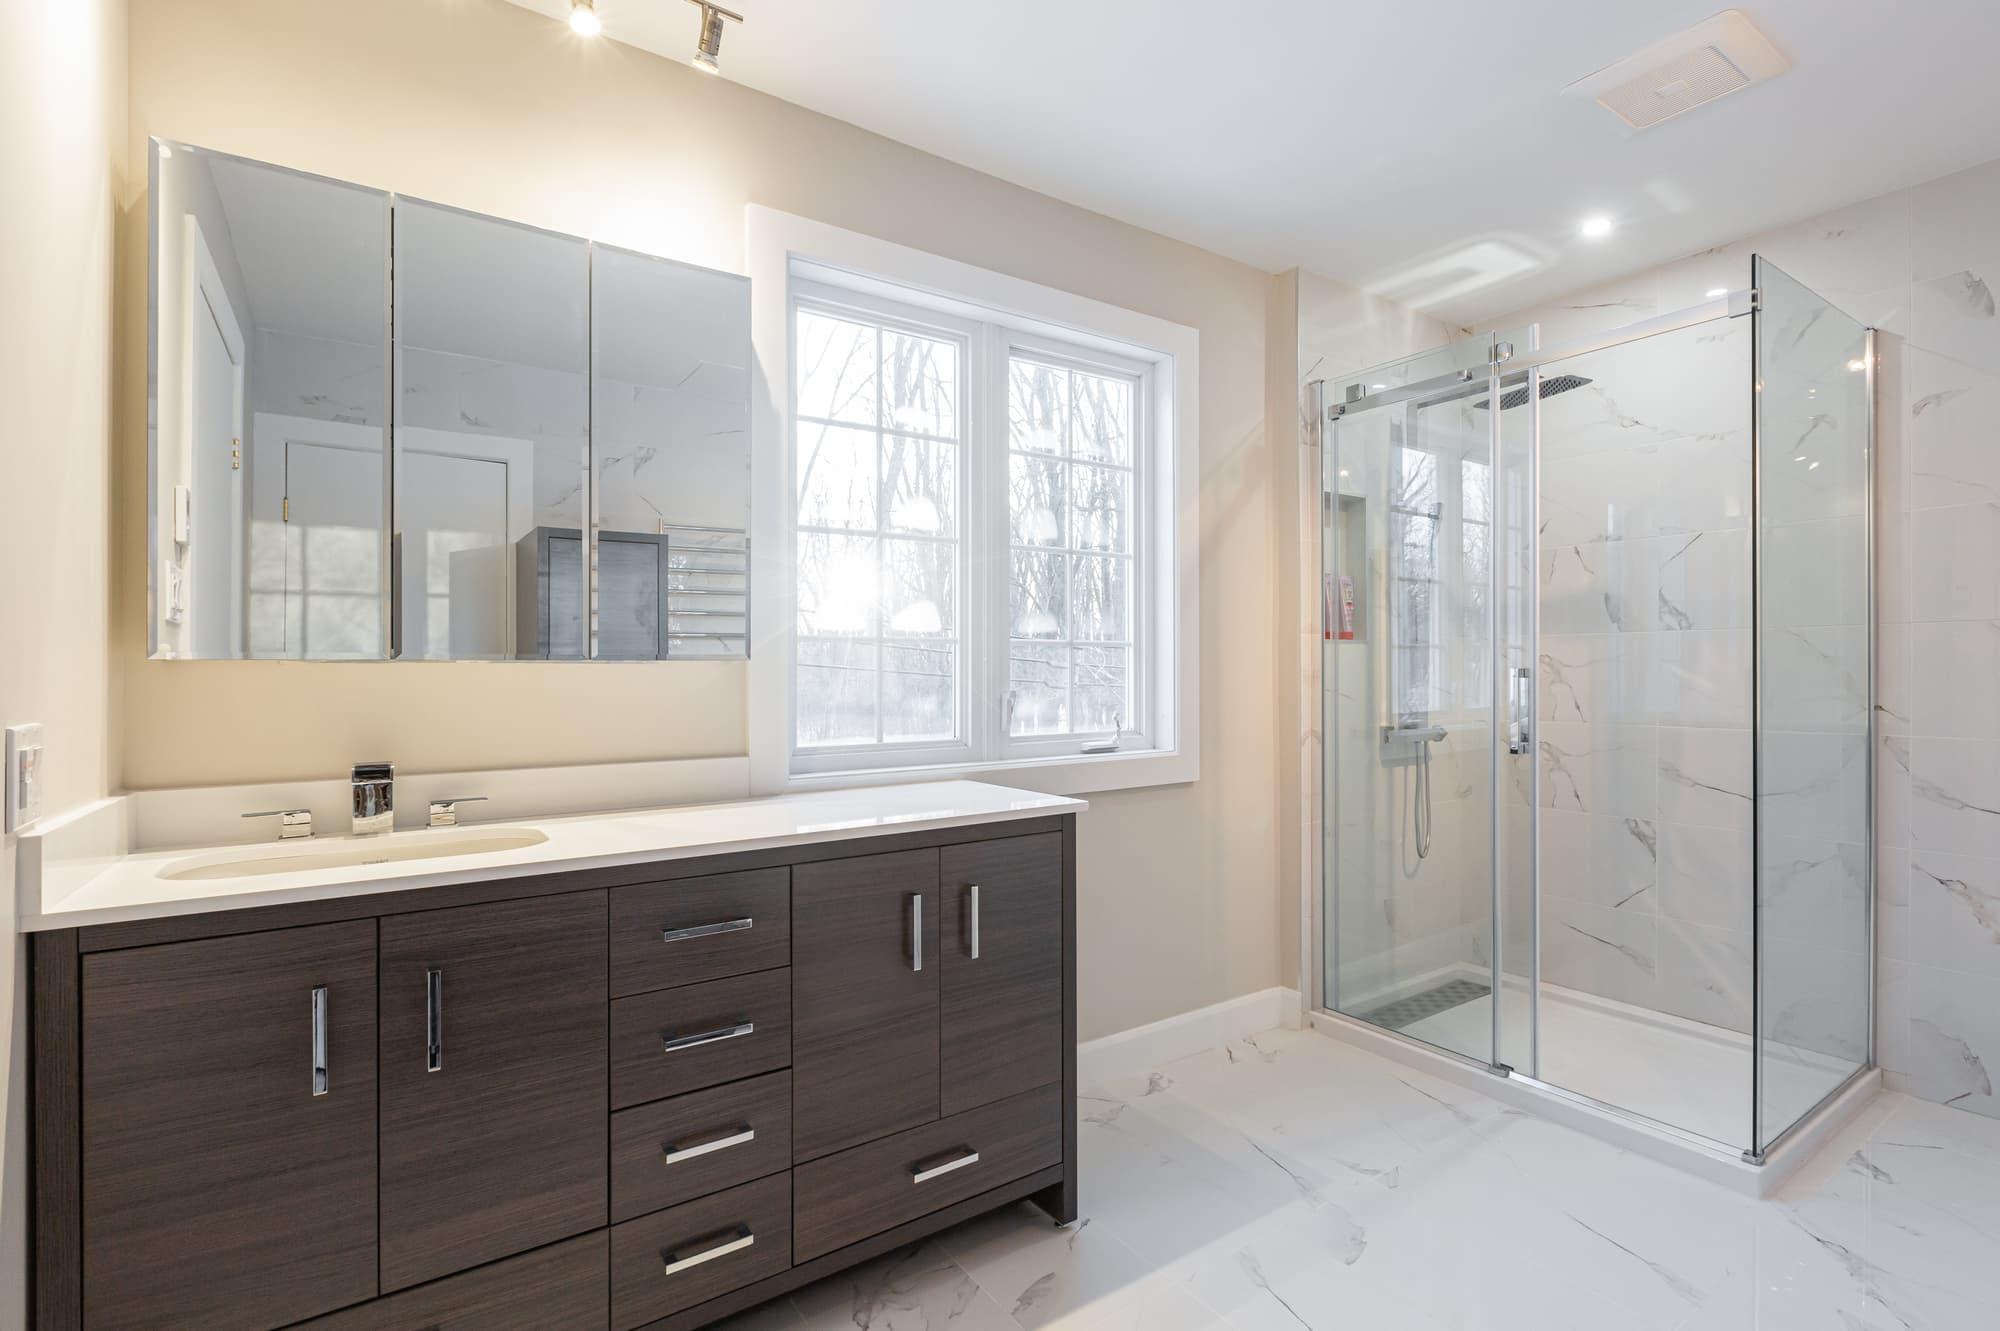 vanité de salle de bain sur mesure avec douche en verre